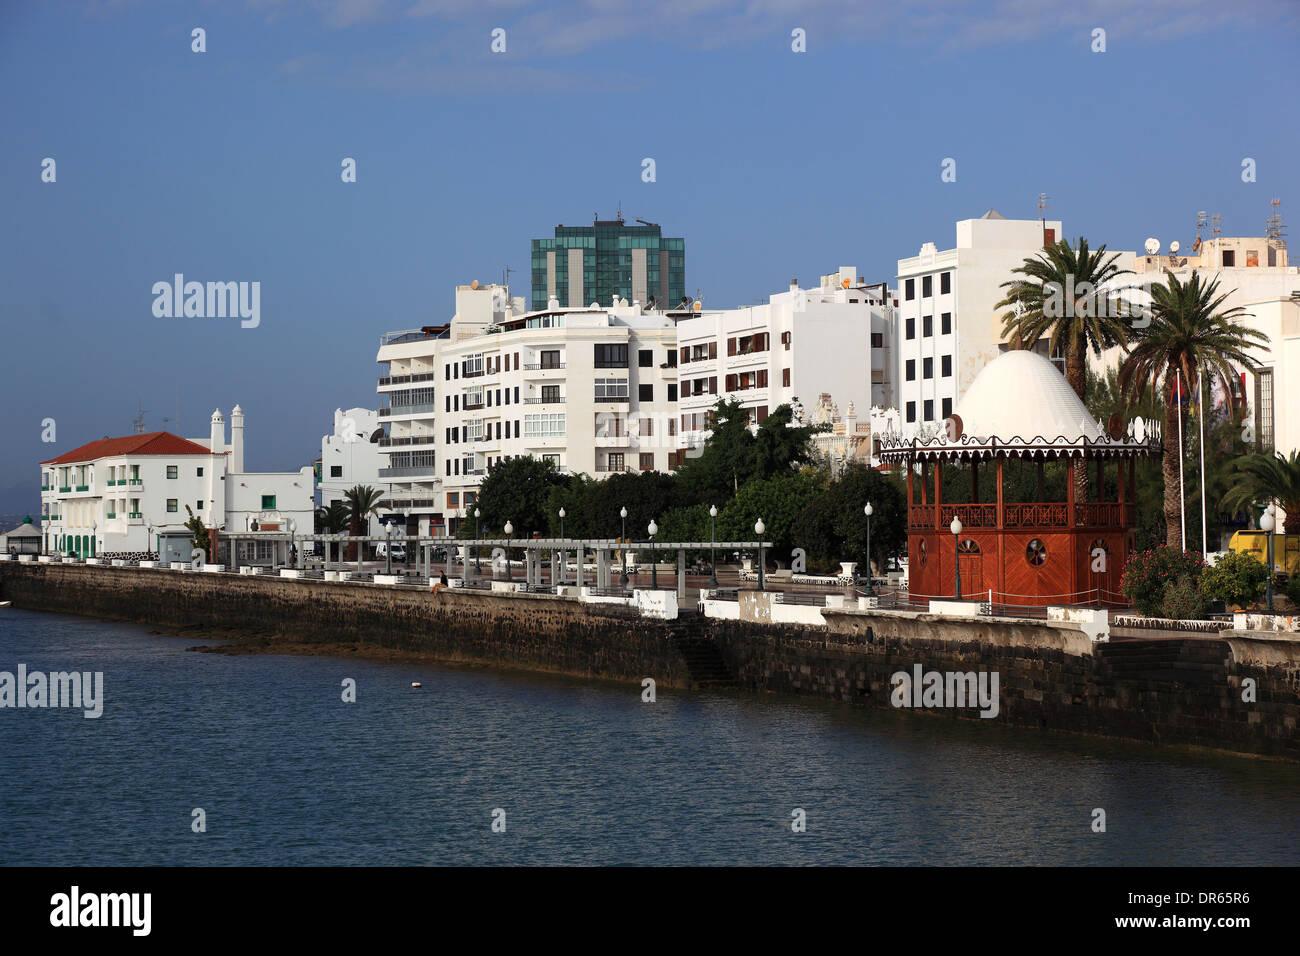 Gran Hotel, das einzige High-Rise Gebäude in Arrecife, Lanzarote, Kanarische Inseln, Kanaren, Spanien Stockfoto